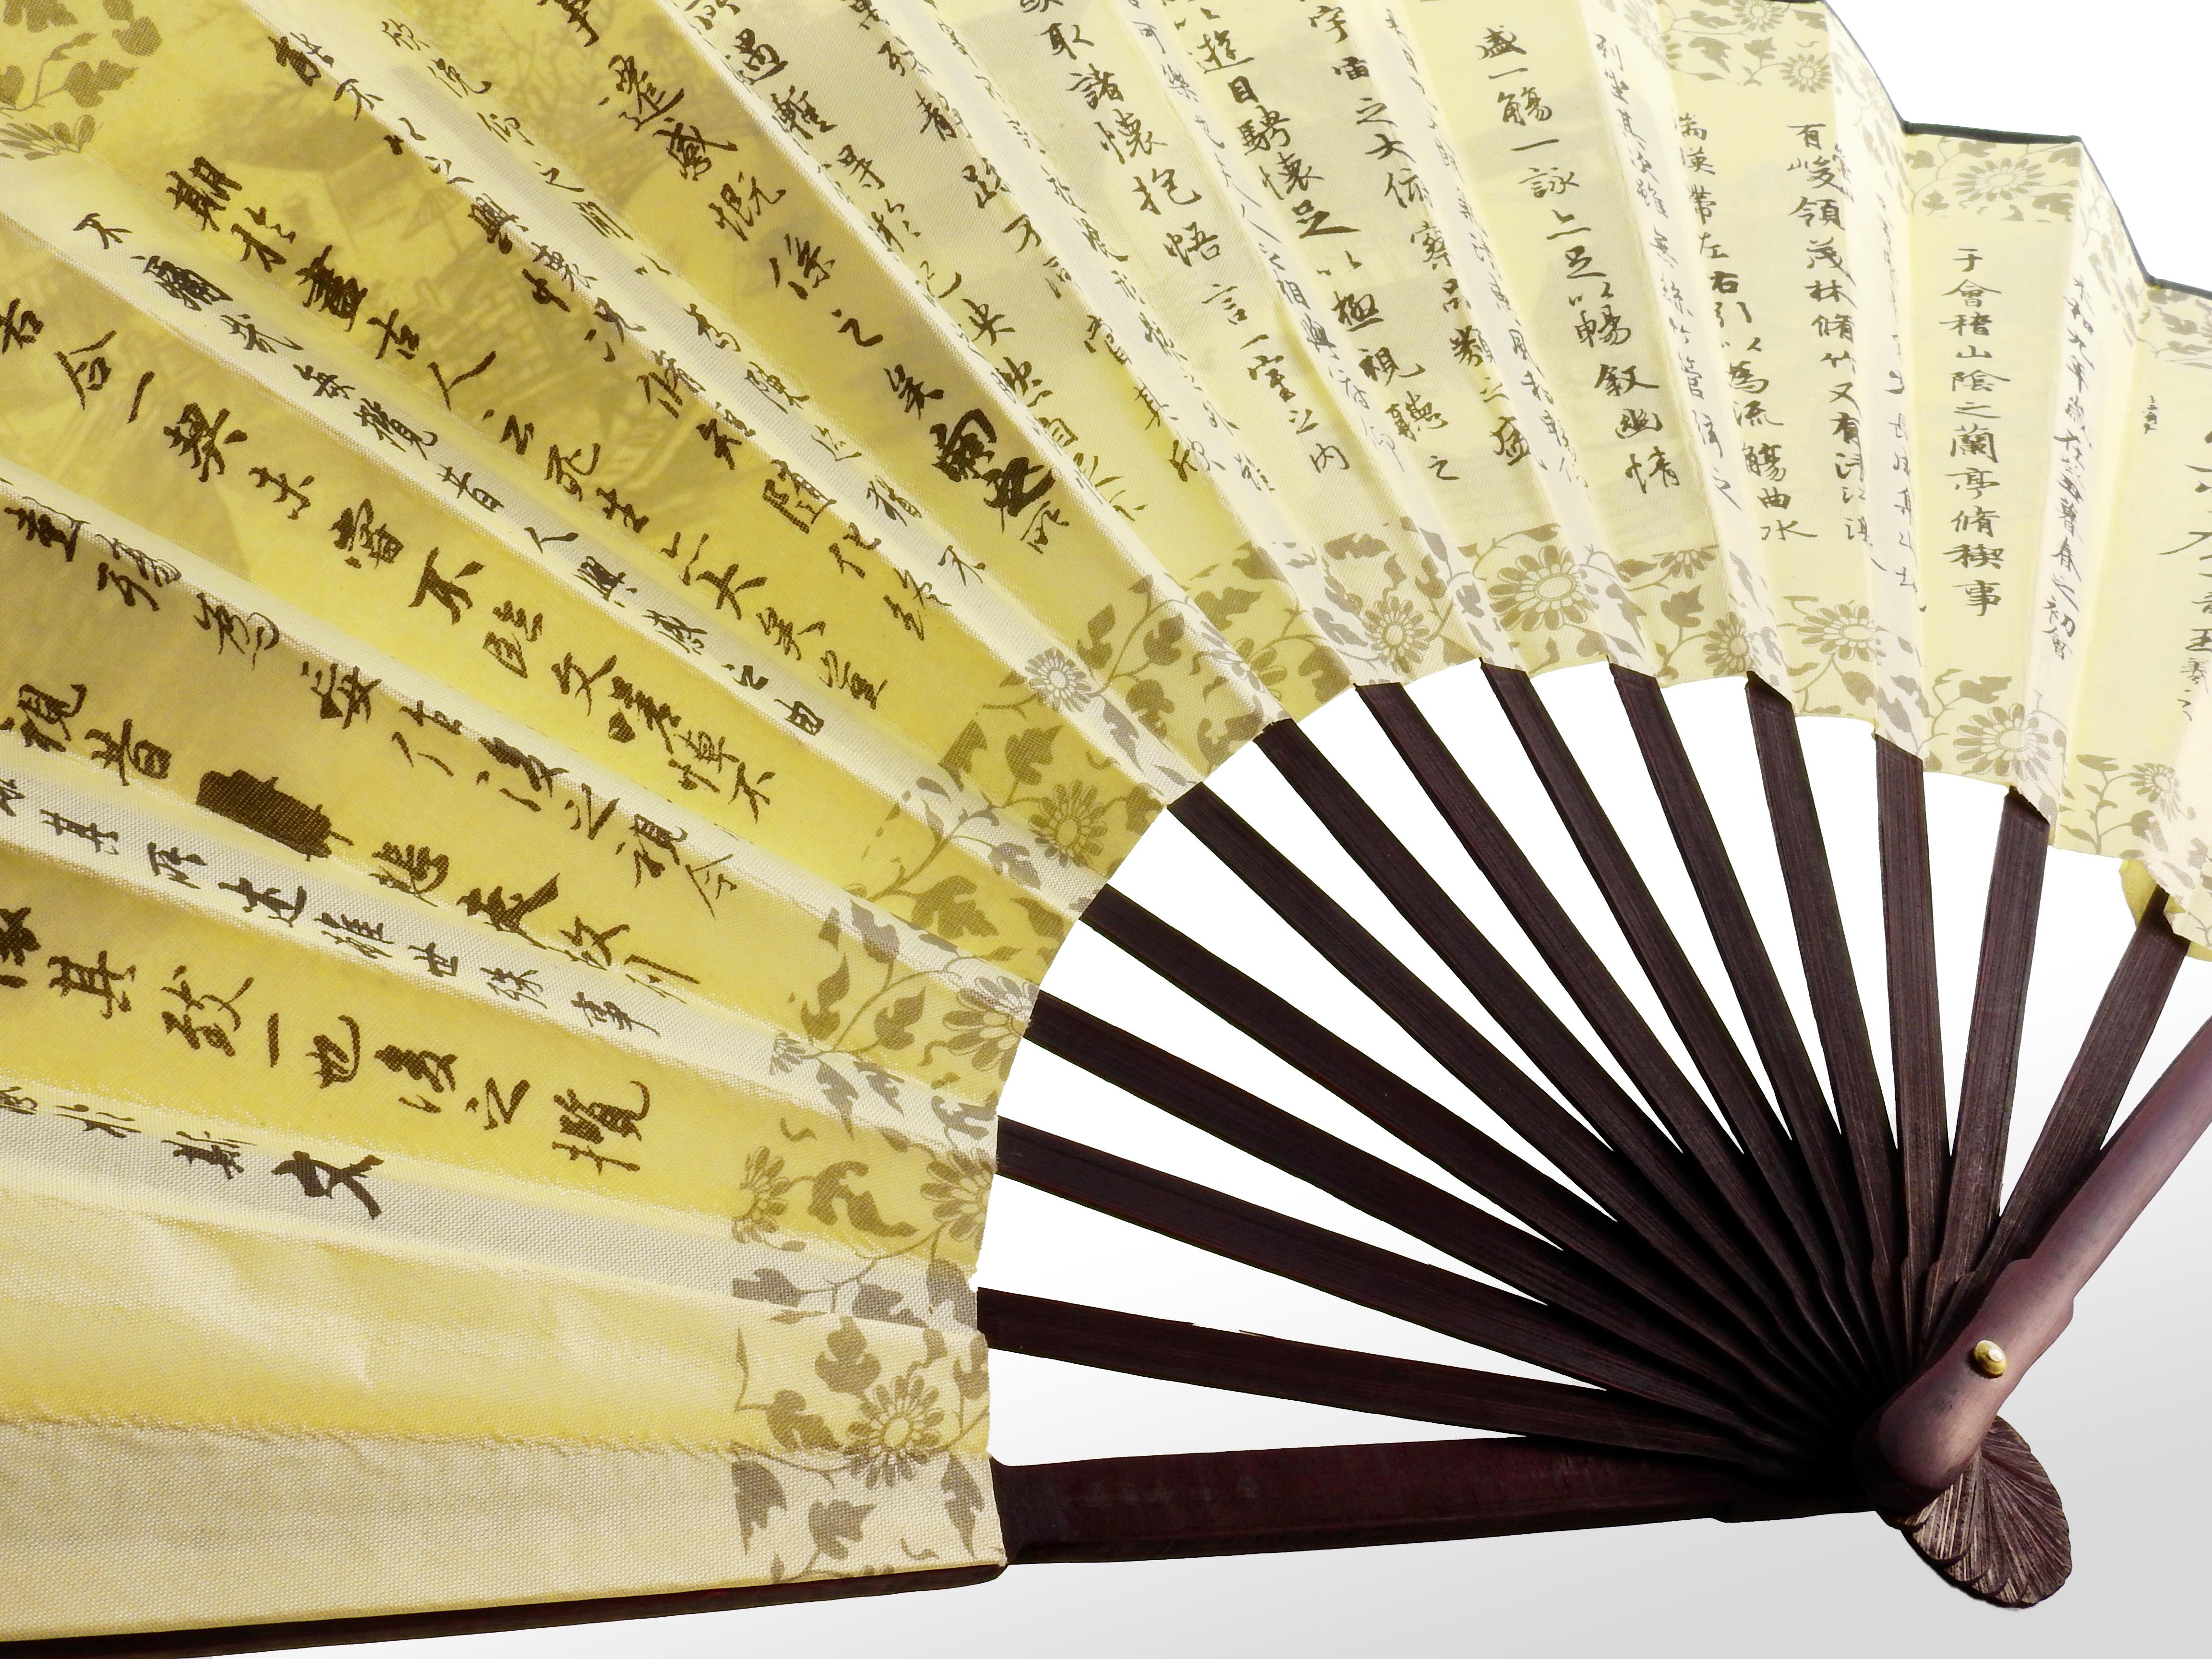 Innenarchitektur Fächer kostenlose foto asien papier deco innenarchitektur schriftart